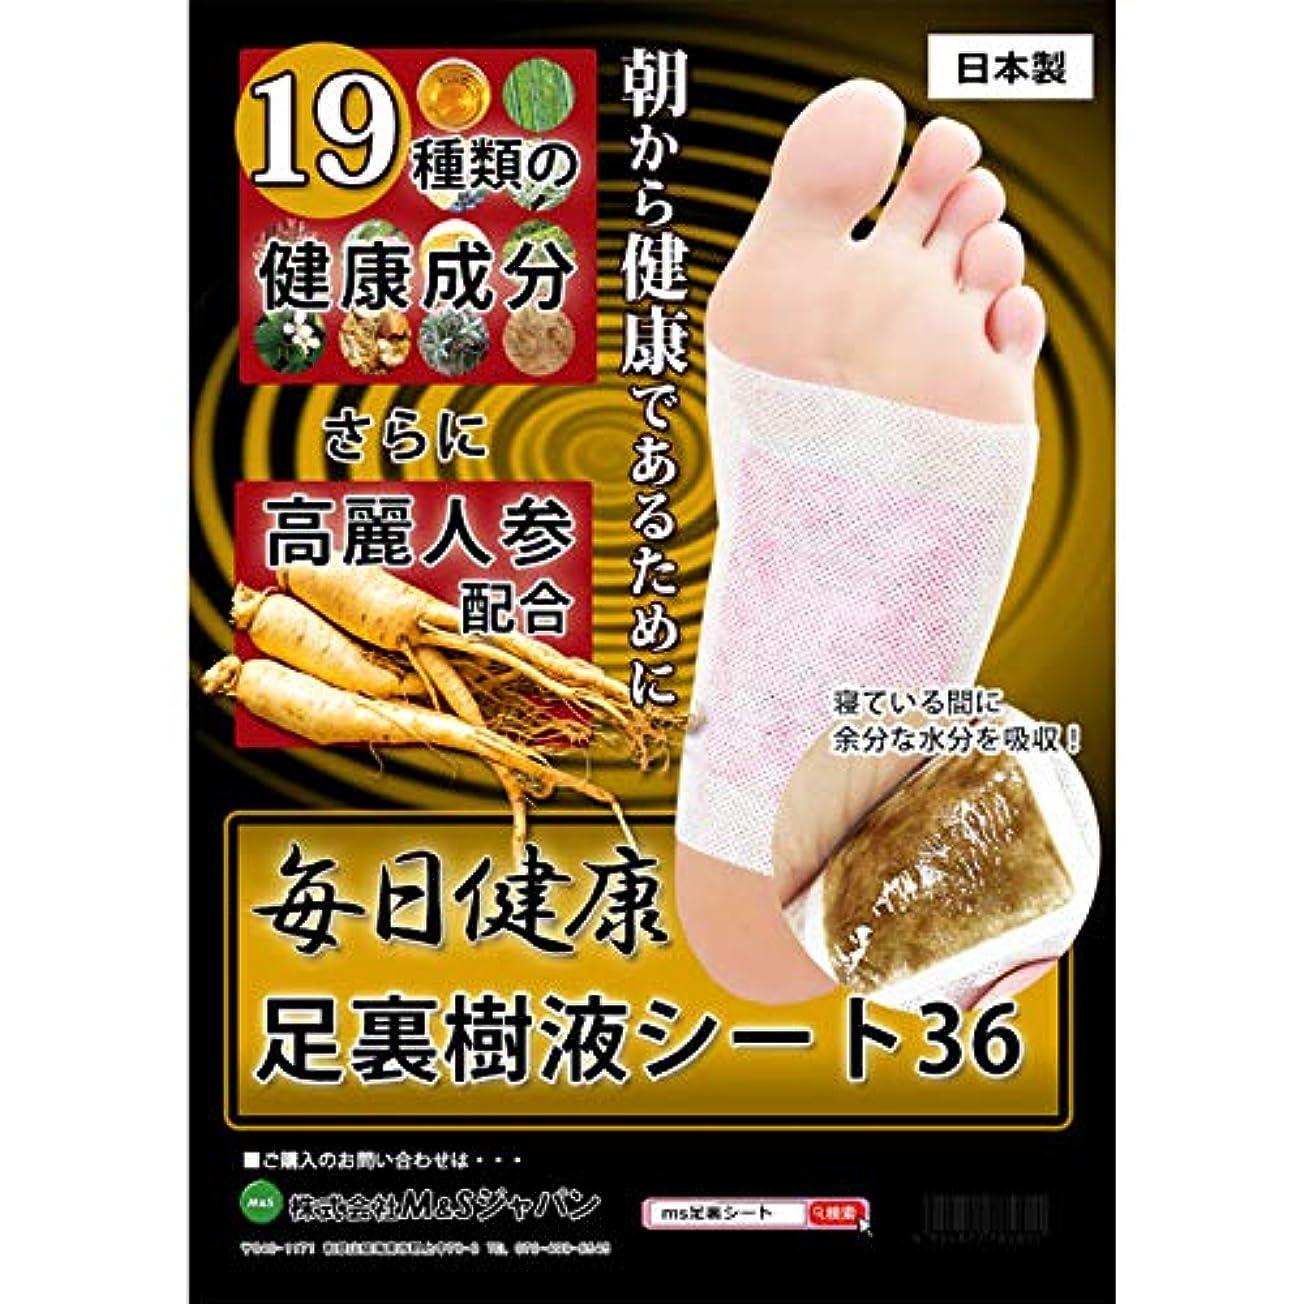 繊毛評価するヘクタール毎日 健康 足裏樹液シート 高麗人参入り+19種類の健康成分 36枚 日本製